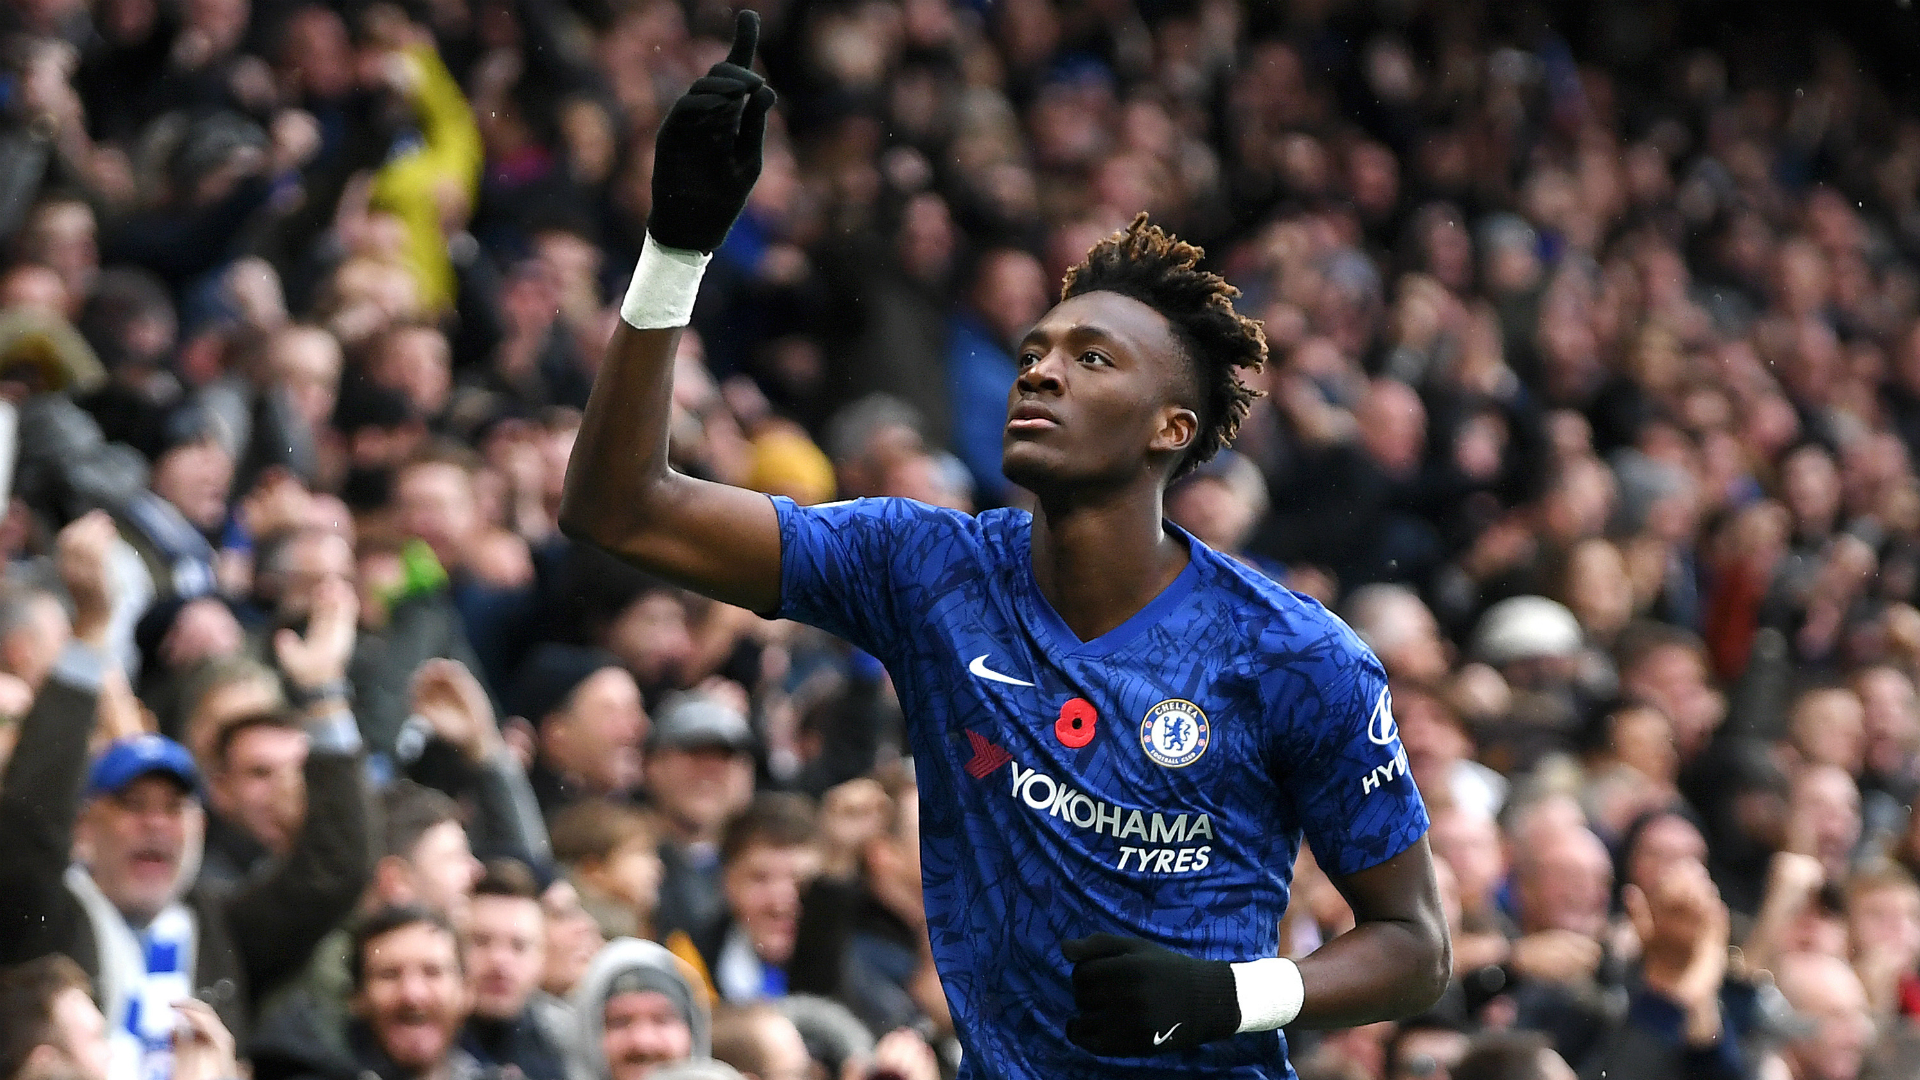 Chelsea 2-0 Crystal Palace: Abraham reaches 10 Premier League goals as Lampard's men go second